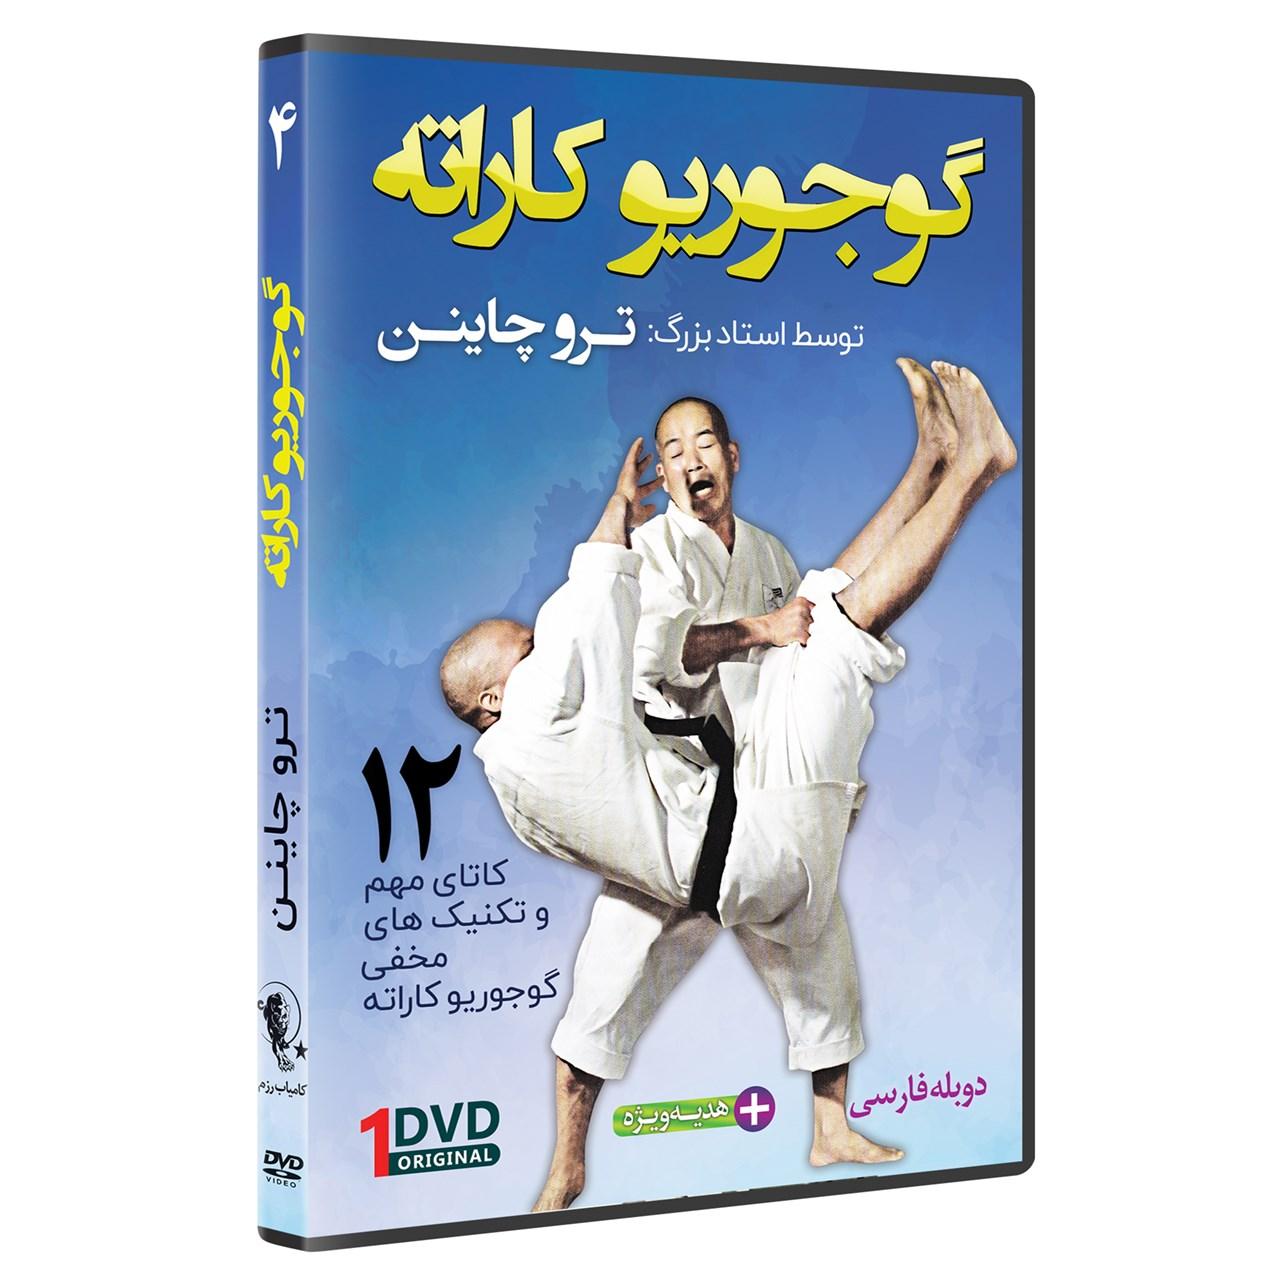 عکس فیلم آموزش سبک گوجوریو کاراته قسمت 4 نشرکامیاب رزم